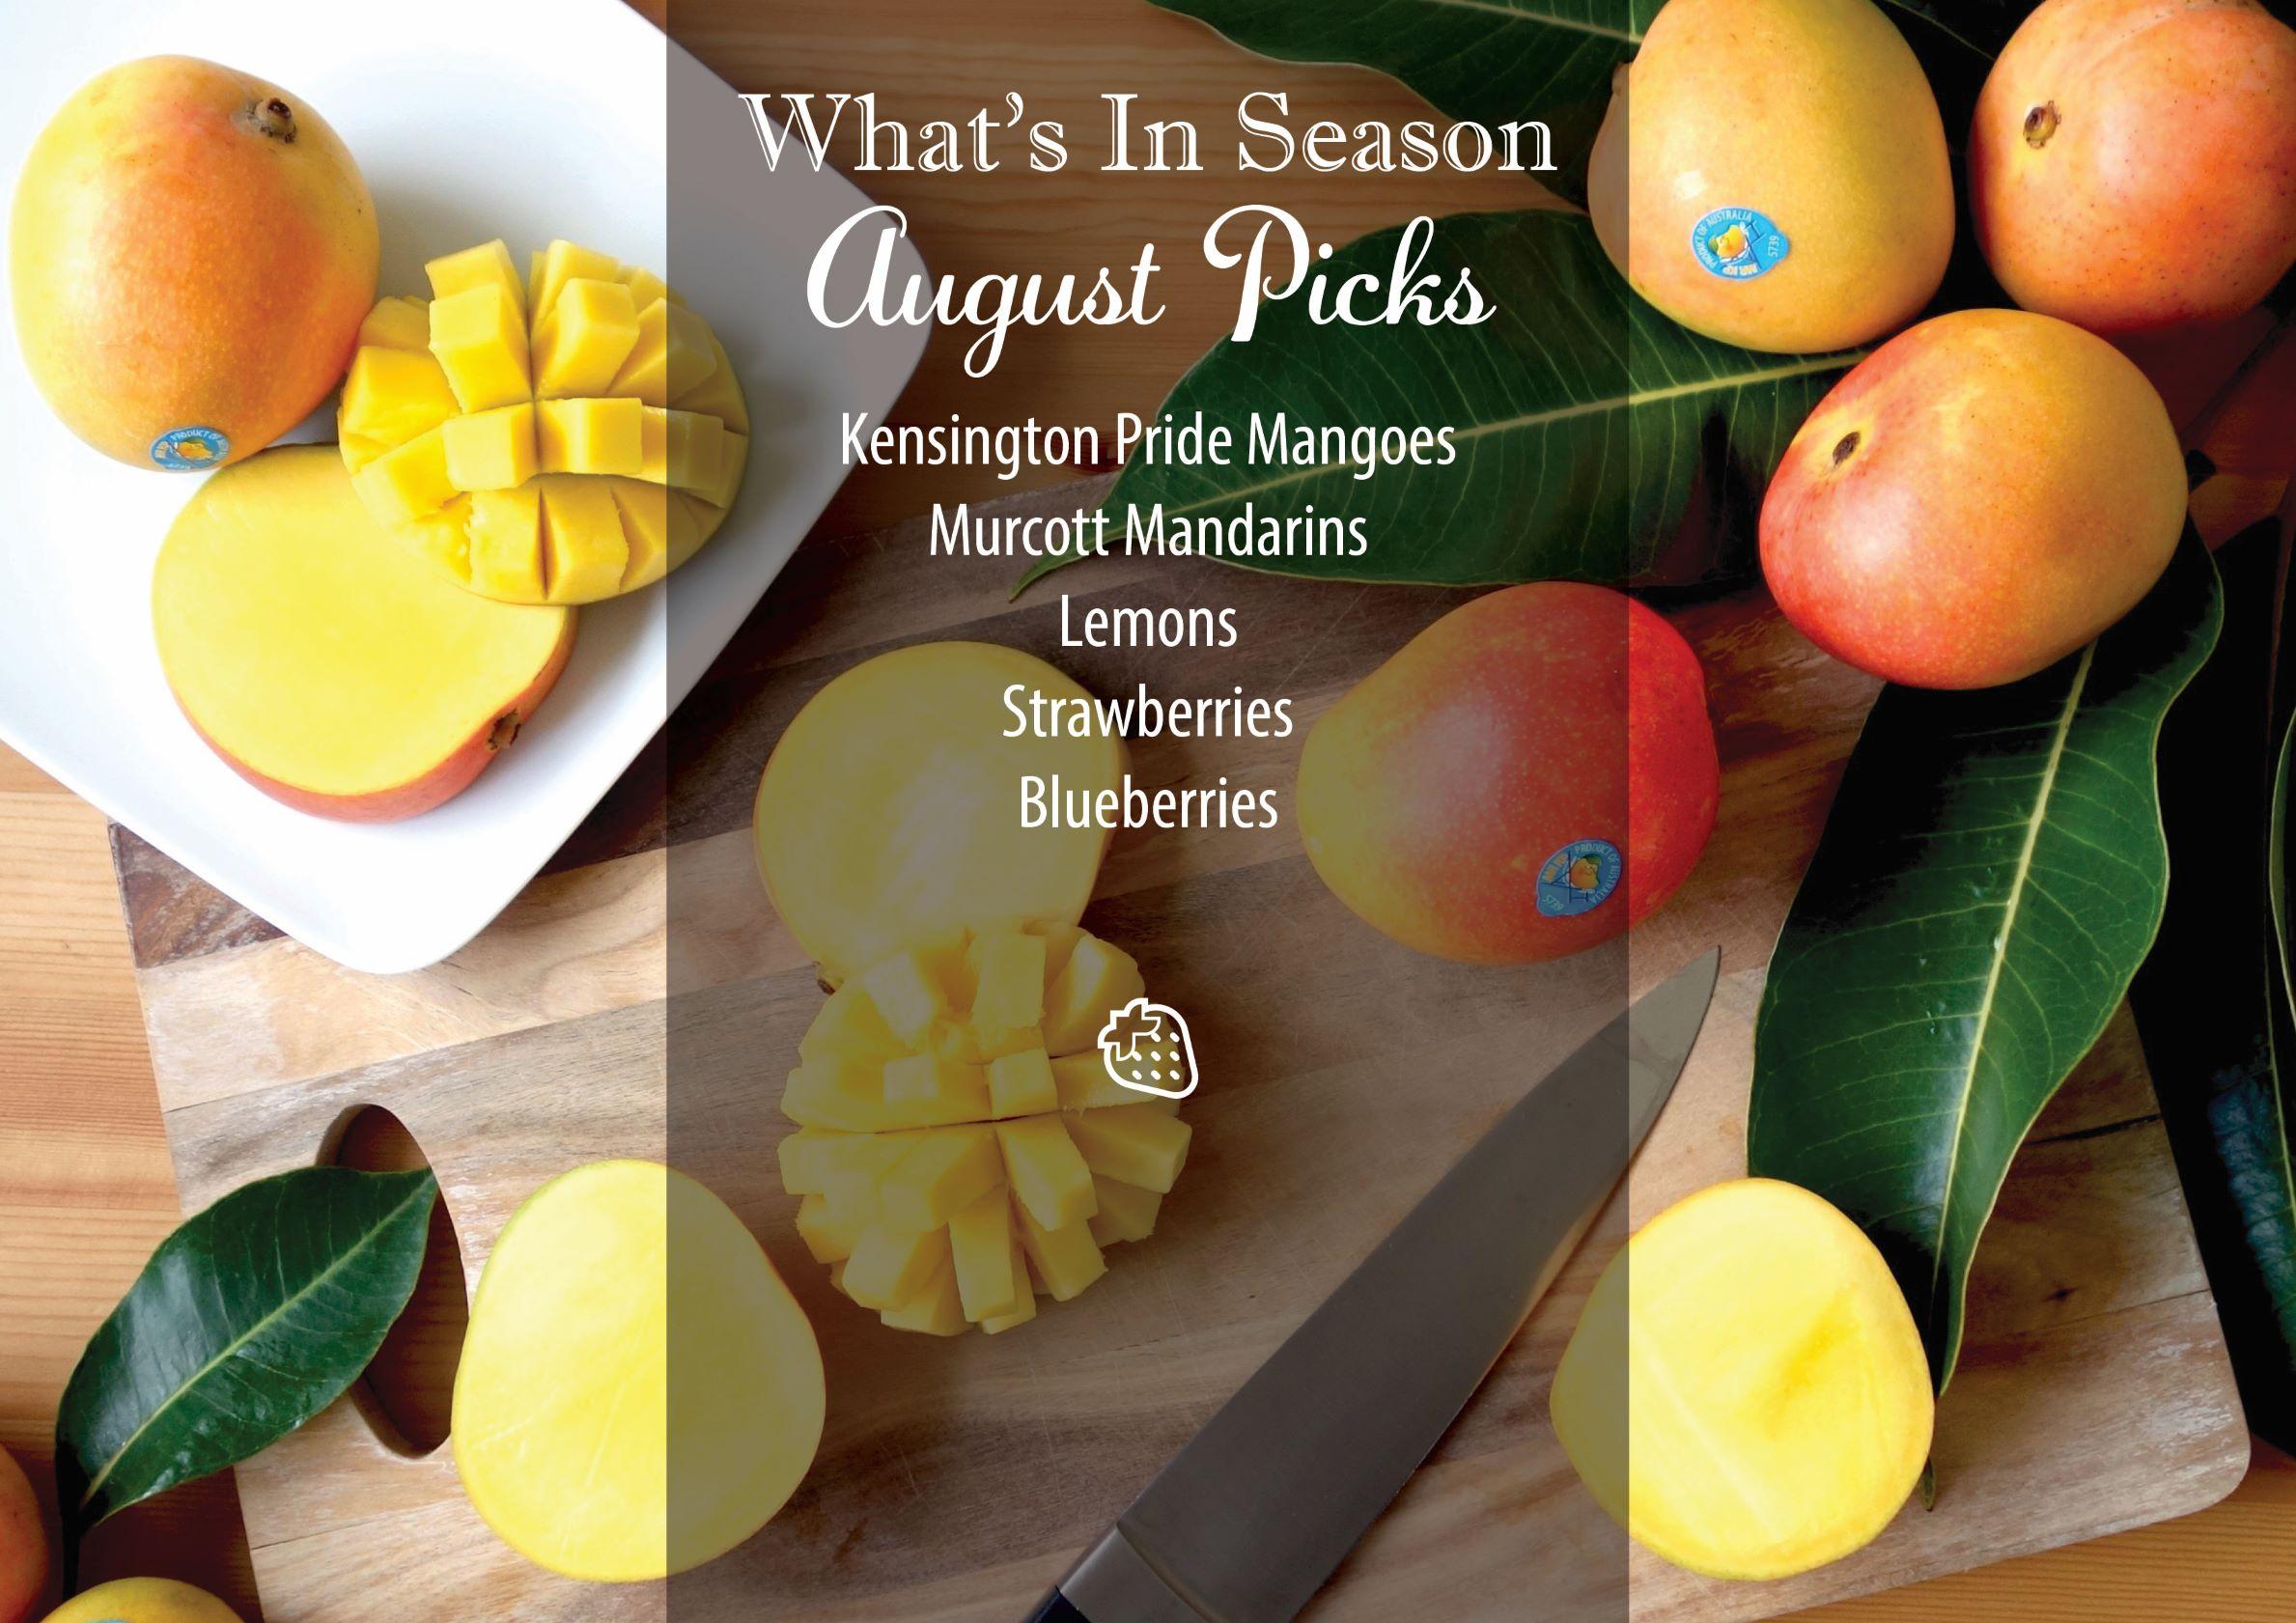 in season in august